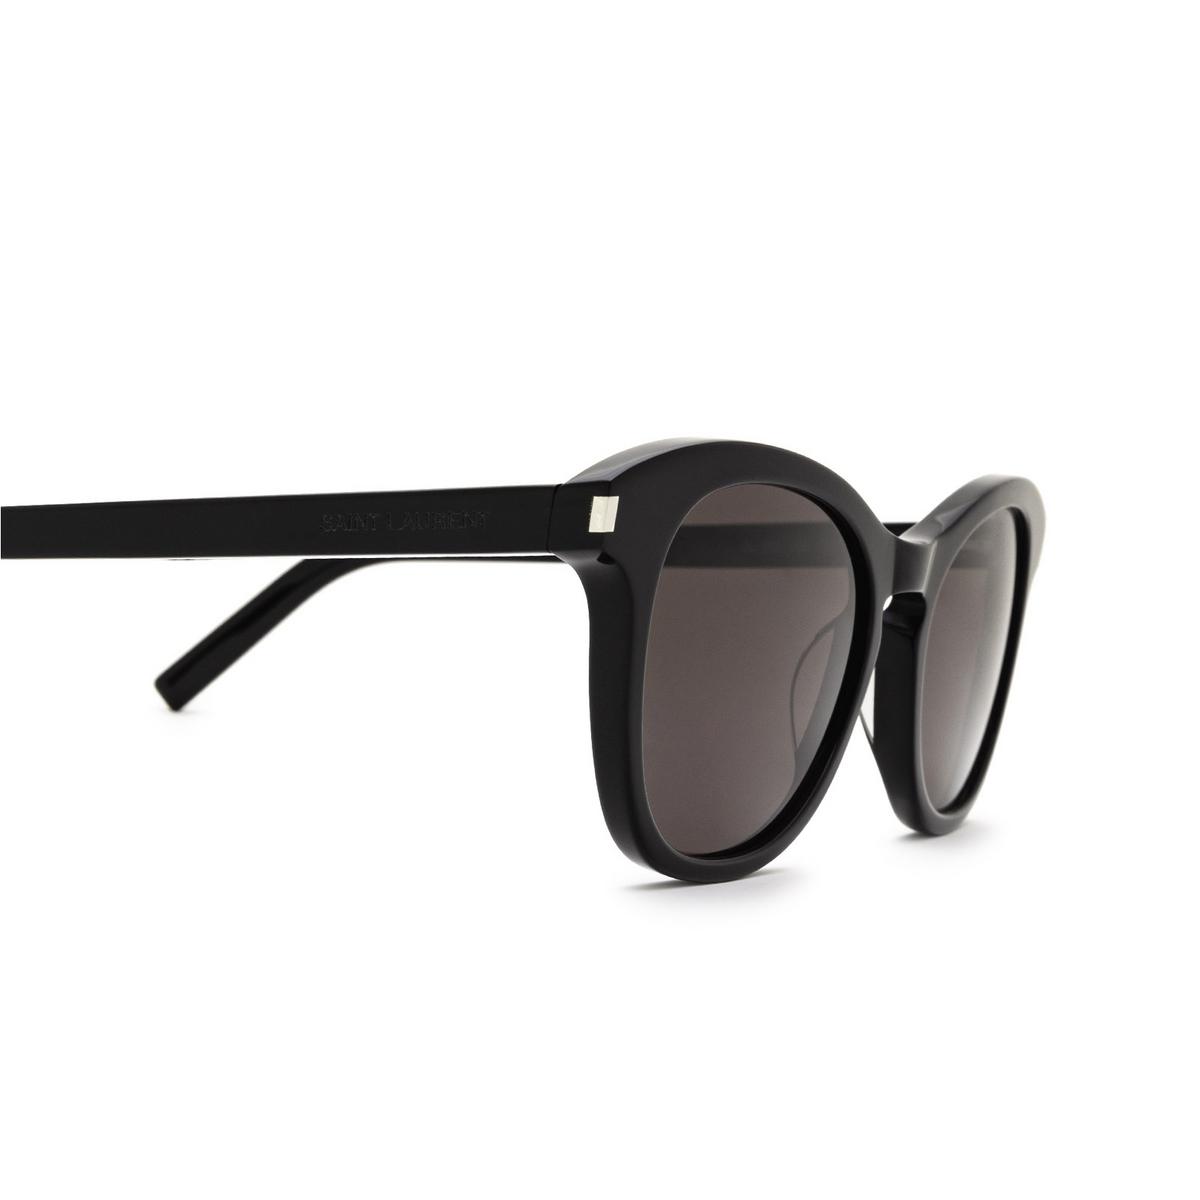 Saint Laurent® Cat-eye Sunglasses: SL 356 color Black 009 - 3/3.